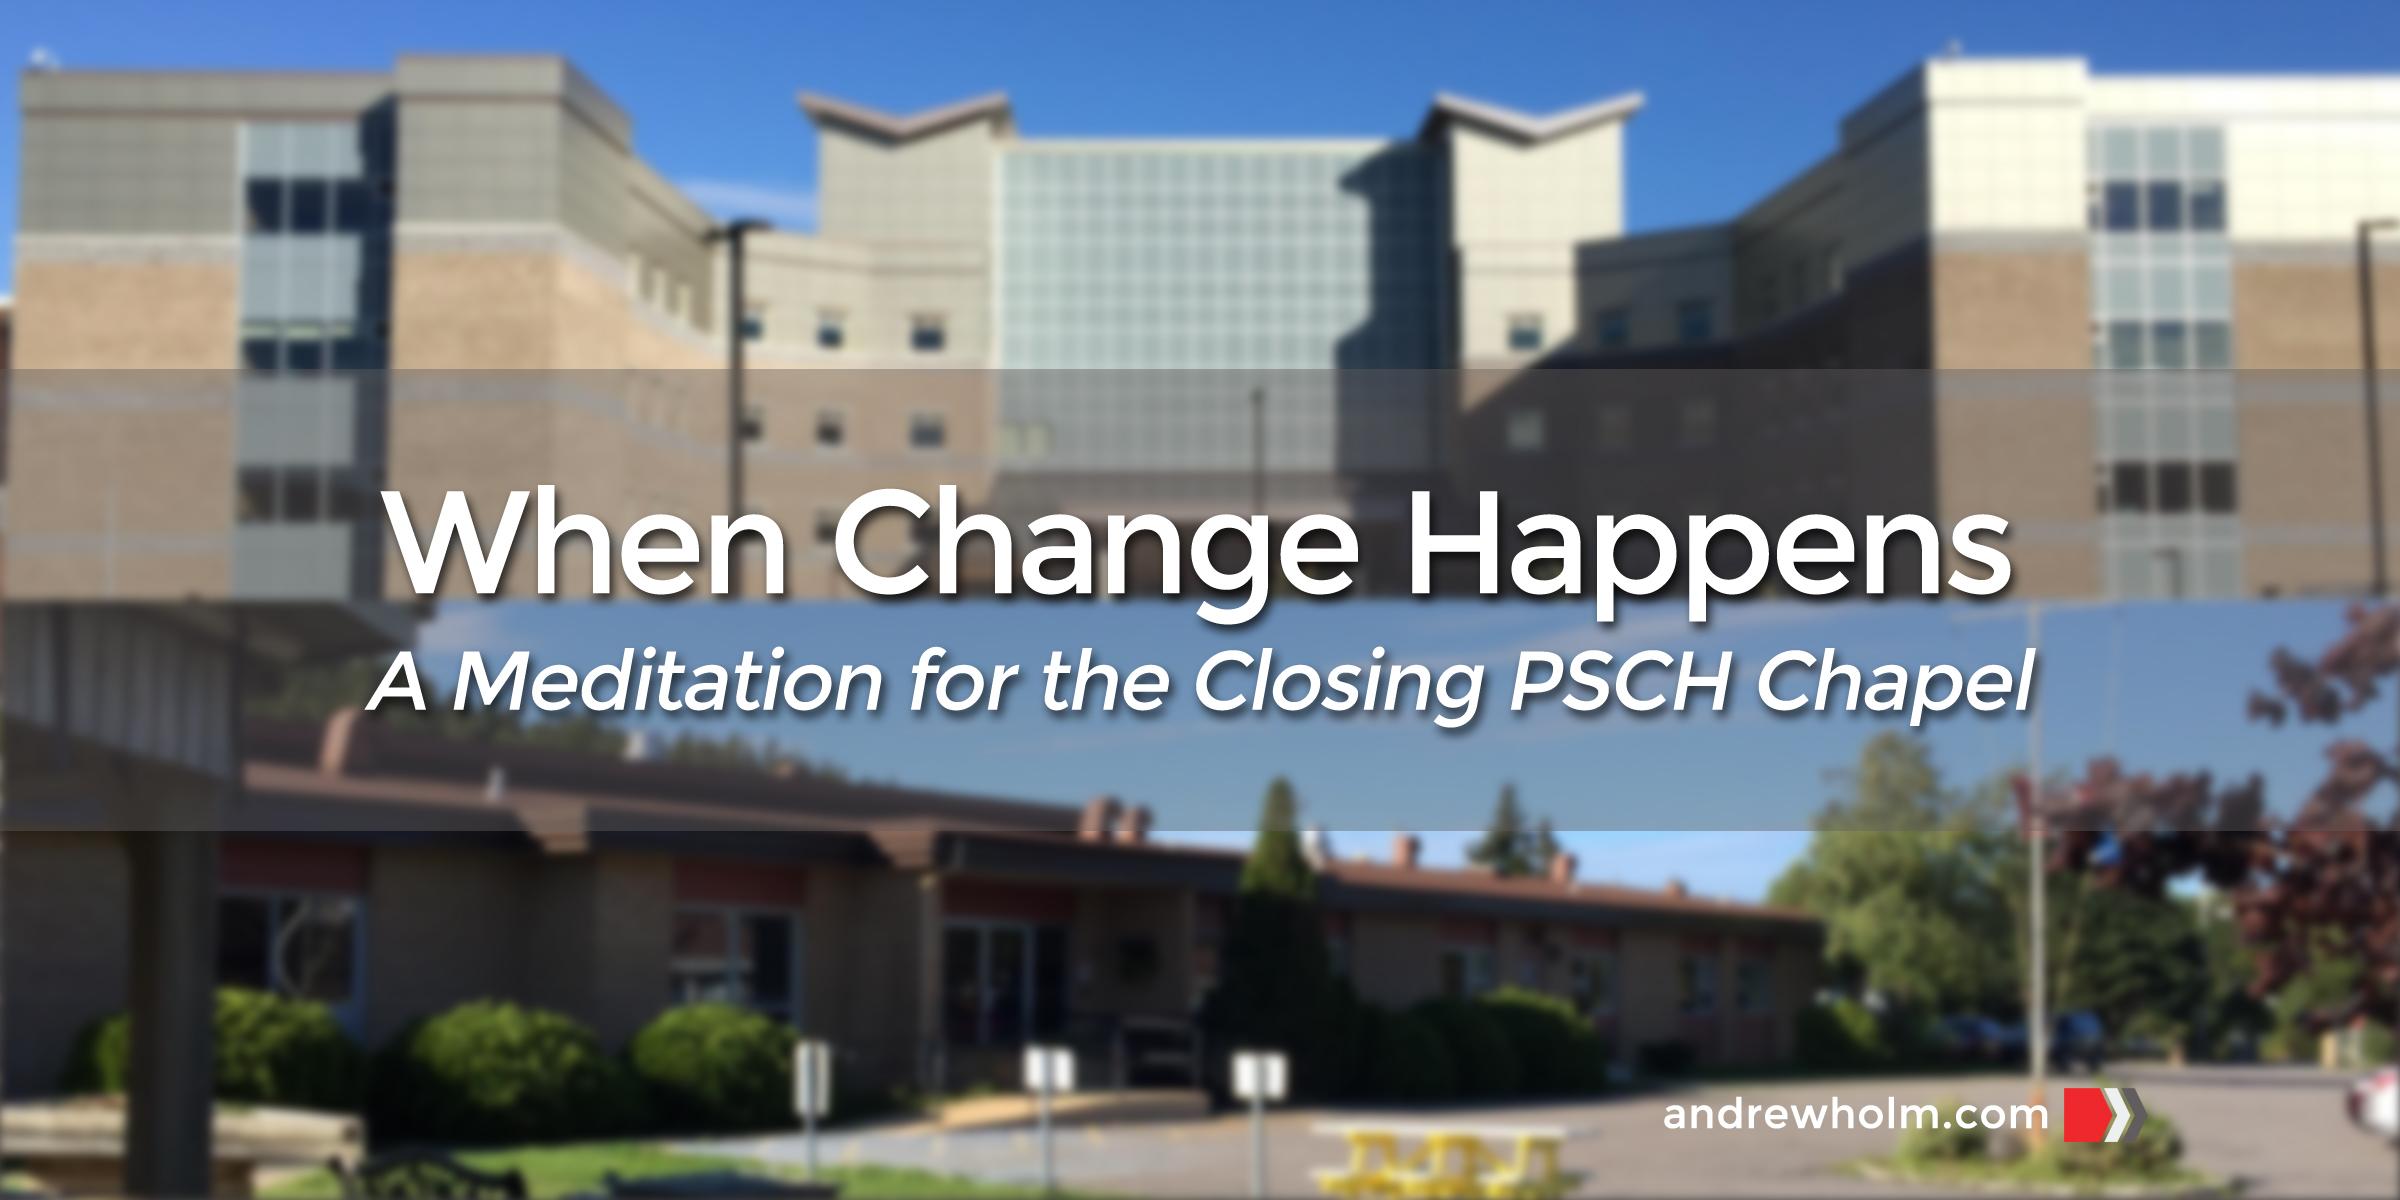 psch-closing-meditation